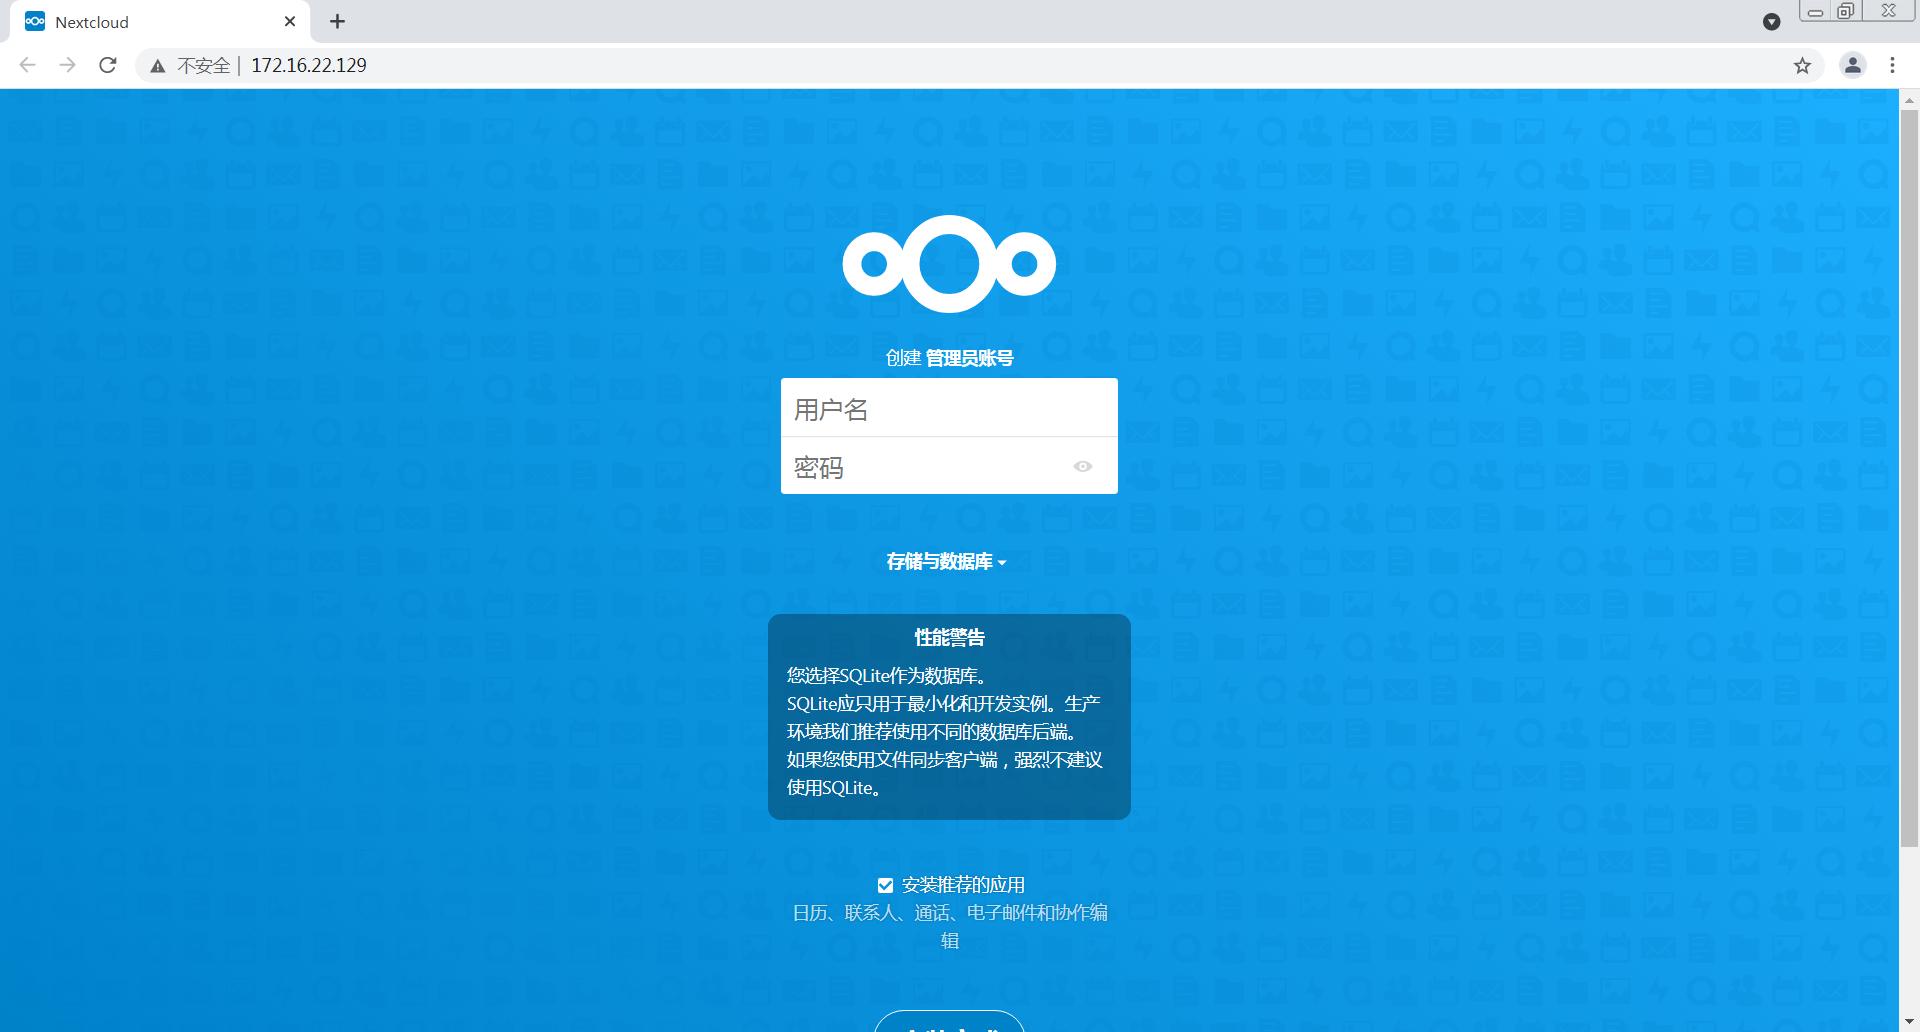 CentOS 7 LAMP环境安装Nextcloud